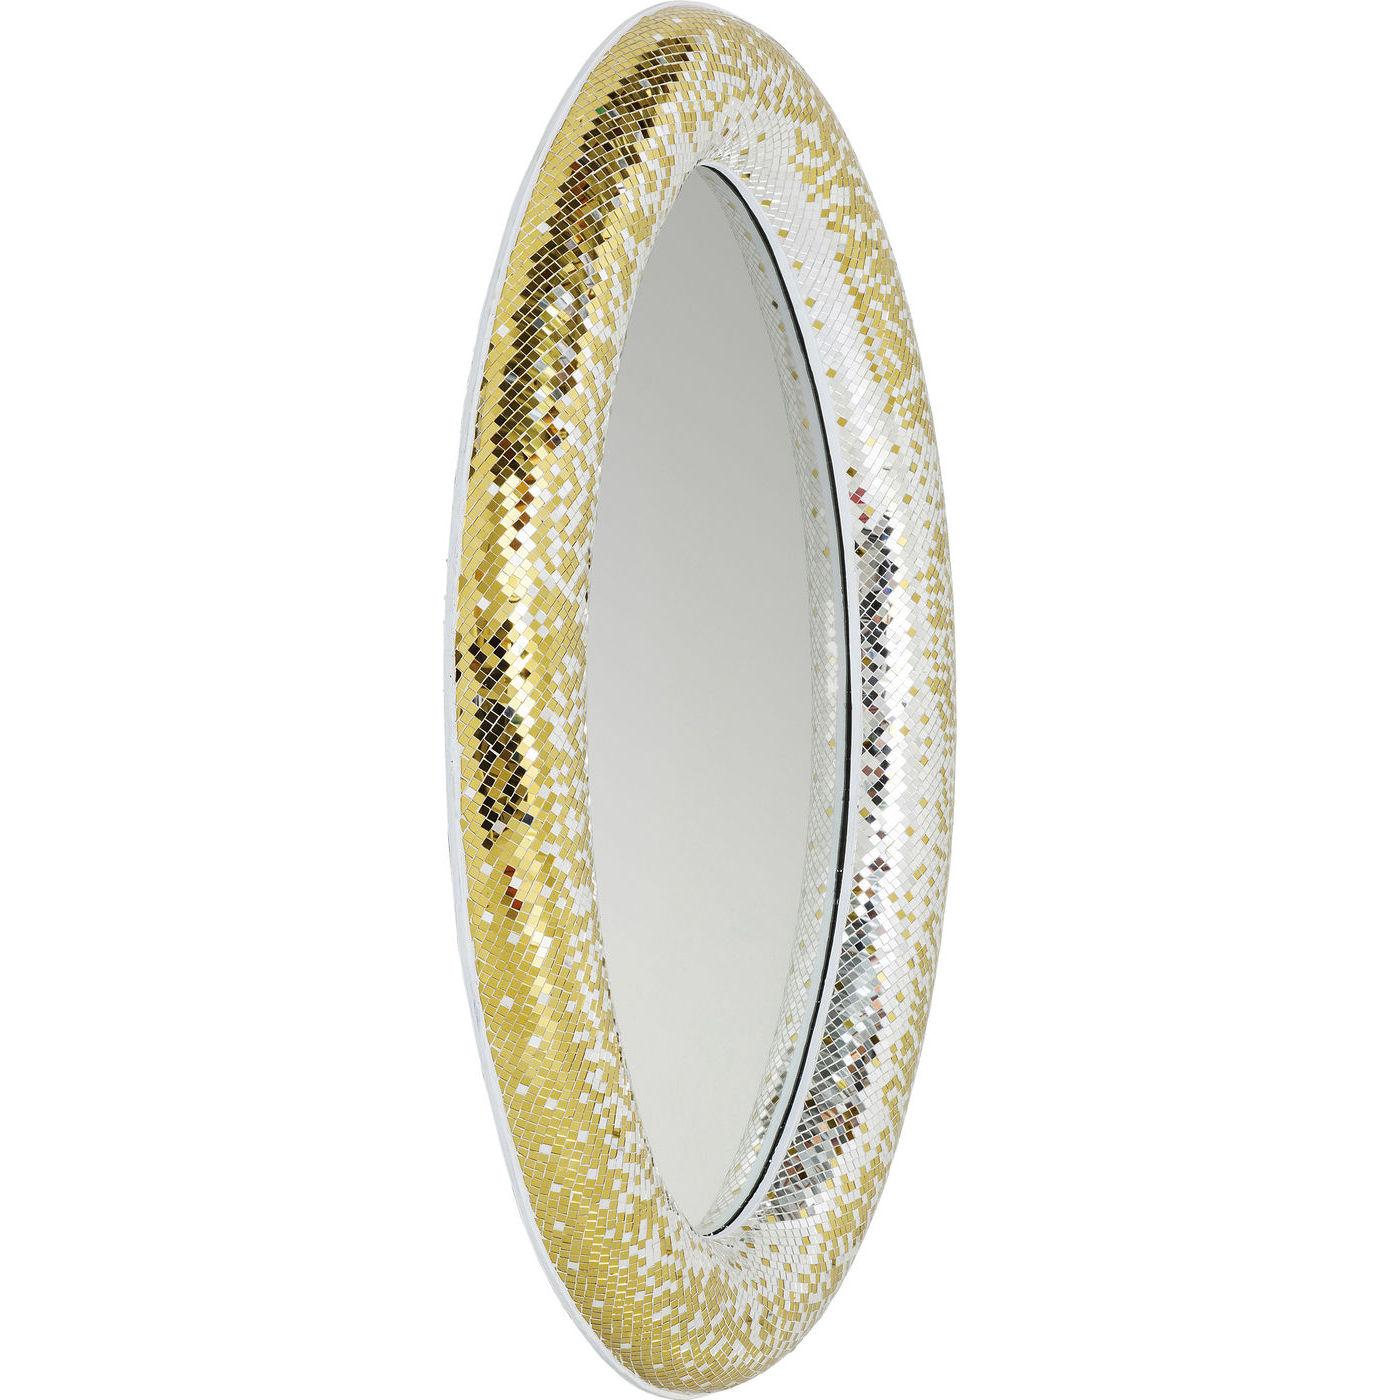 Spiegel wandspiegel h ngespiegel badspiegel mosaik glamour neu kare desgin ebay - Mosaiksteine spiegel ...